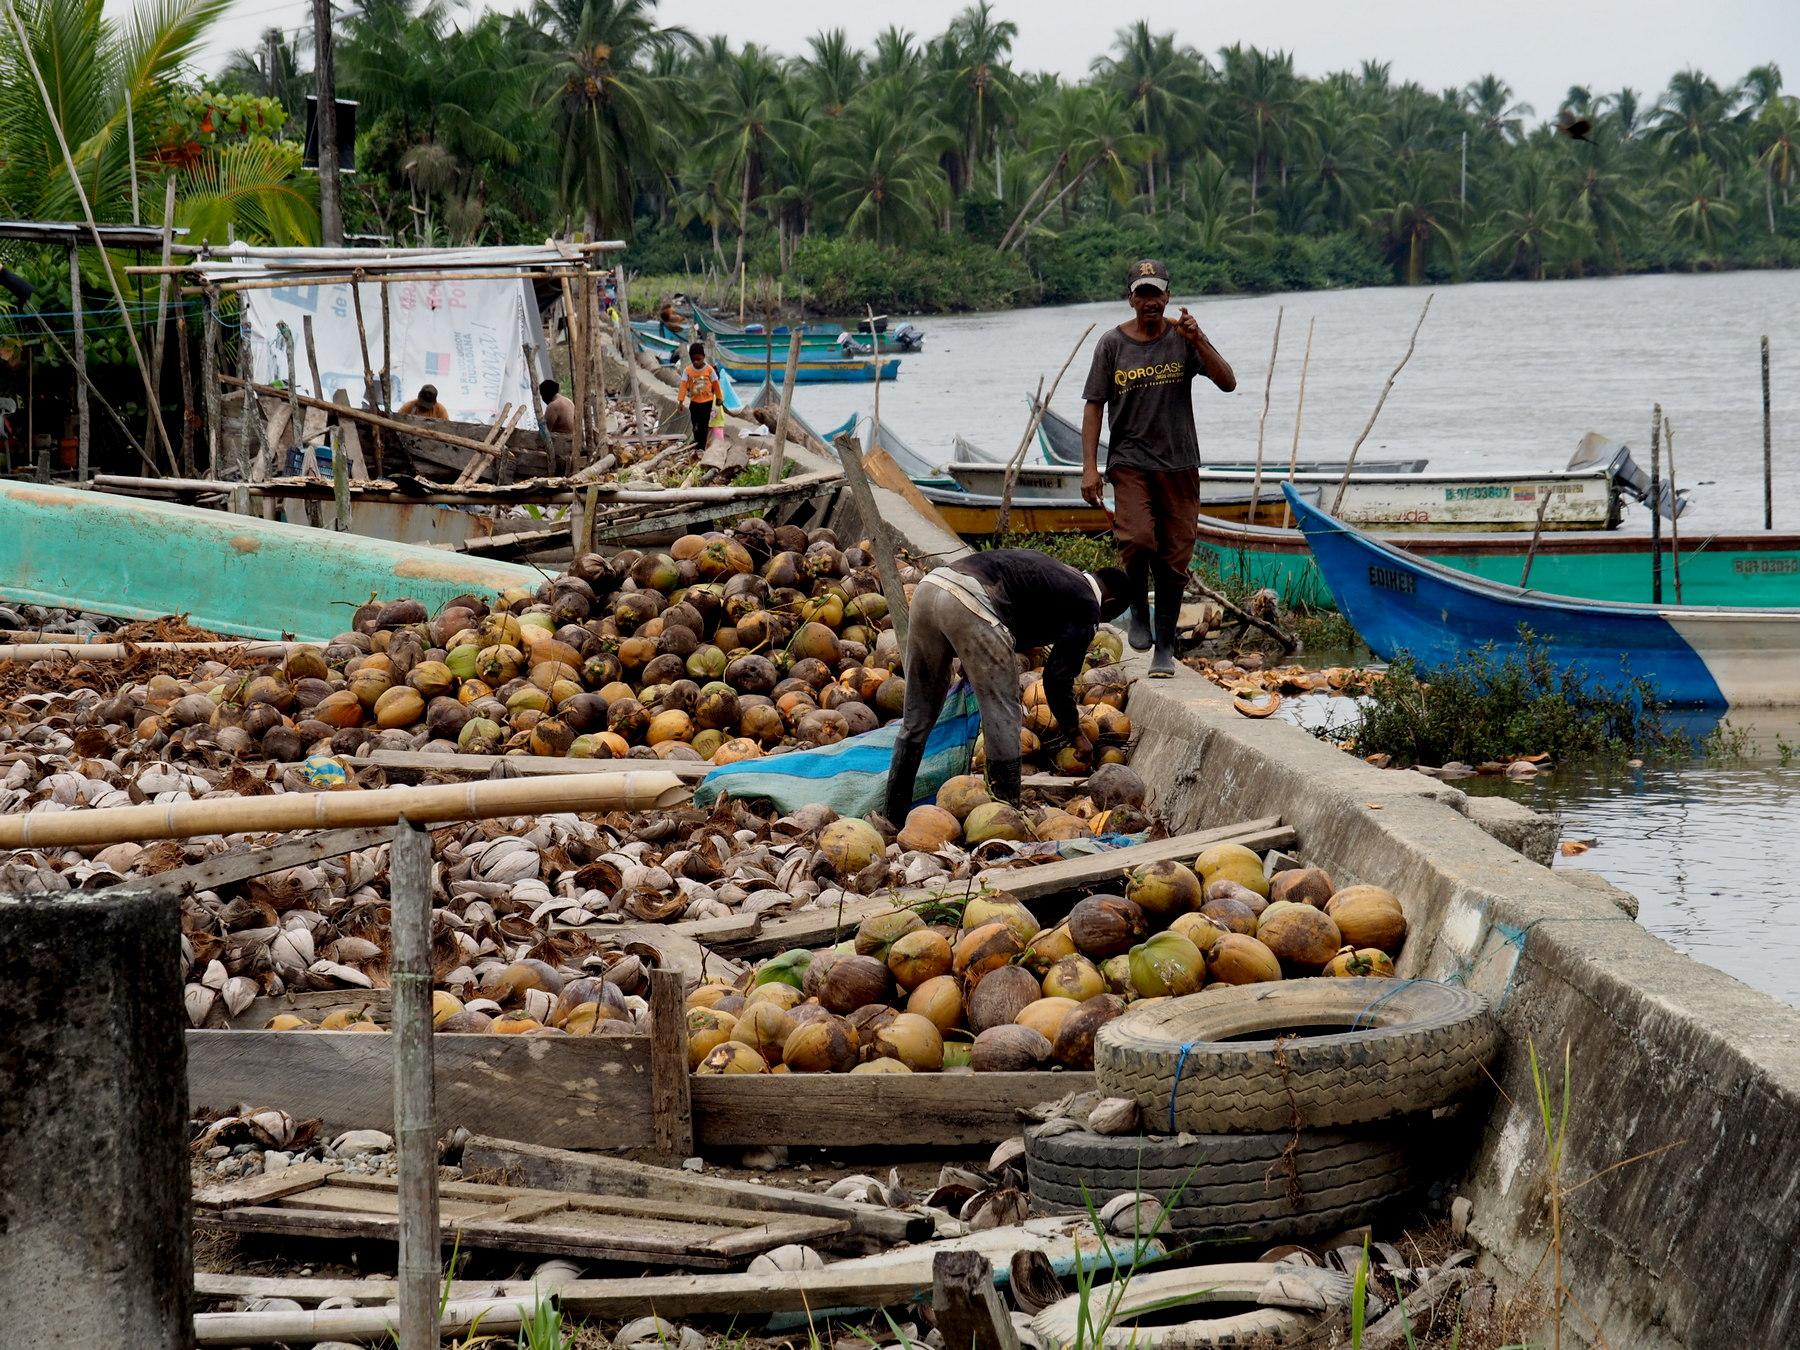 Hier dreht sich alles um die Kokosnuss (und Fisch)